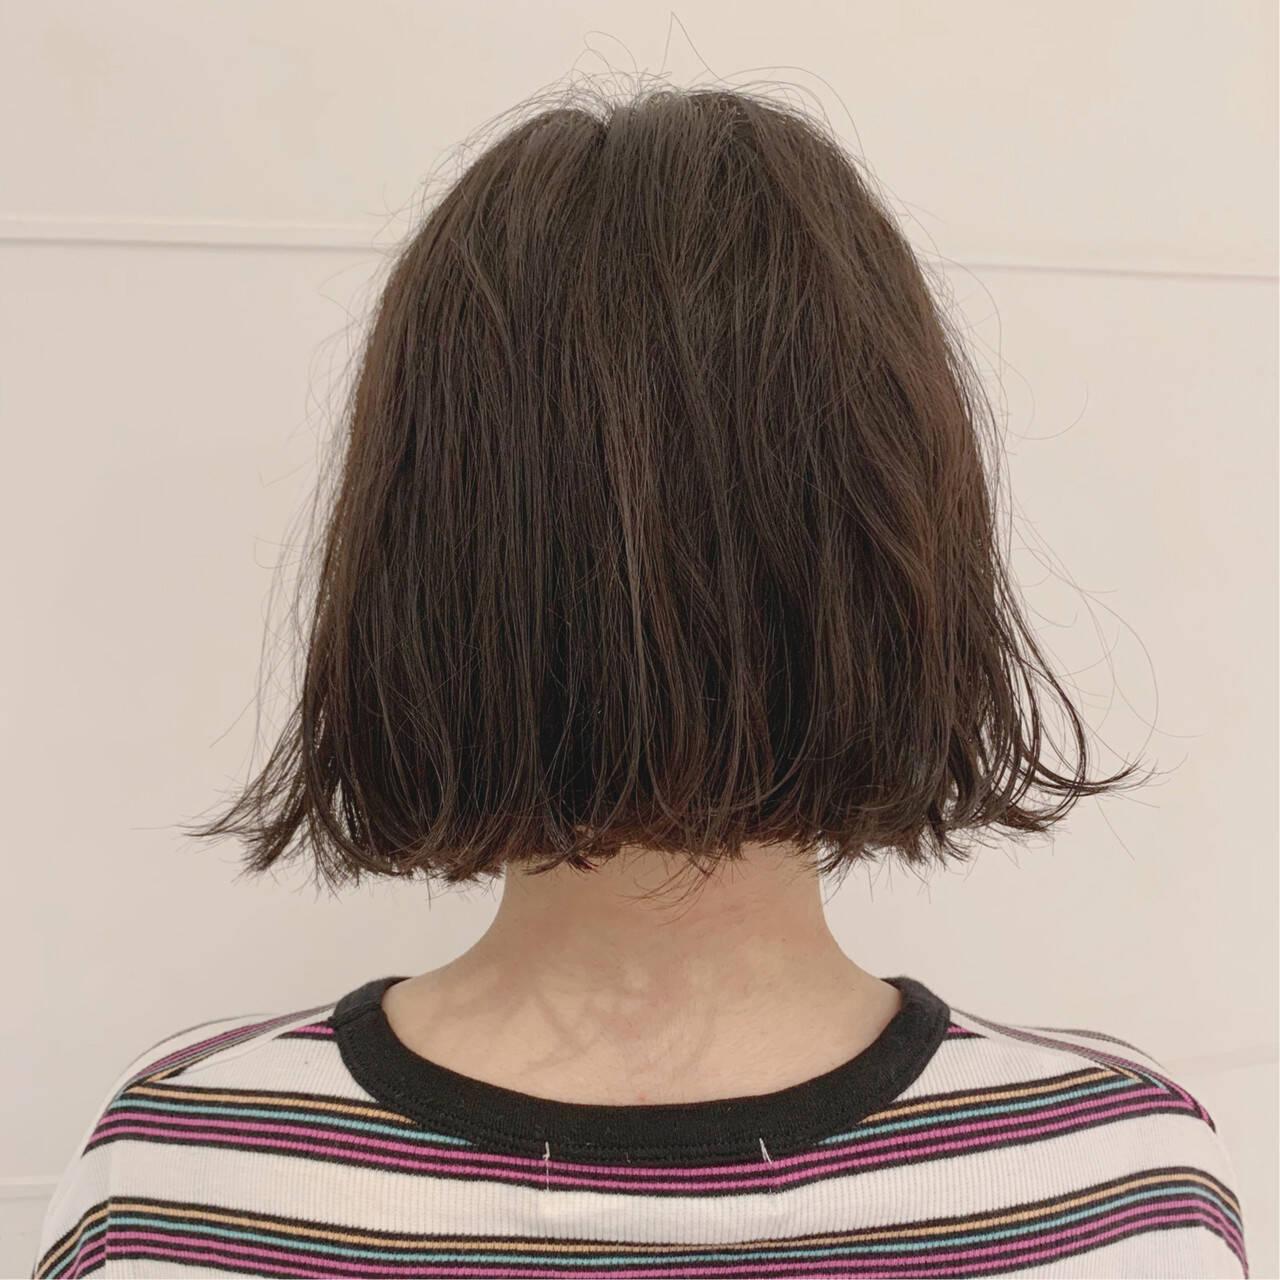 ショートバング 外ハネボブ くせ毛風 パーマヘアスタイルや髪型の写真・画像